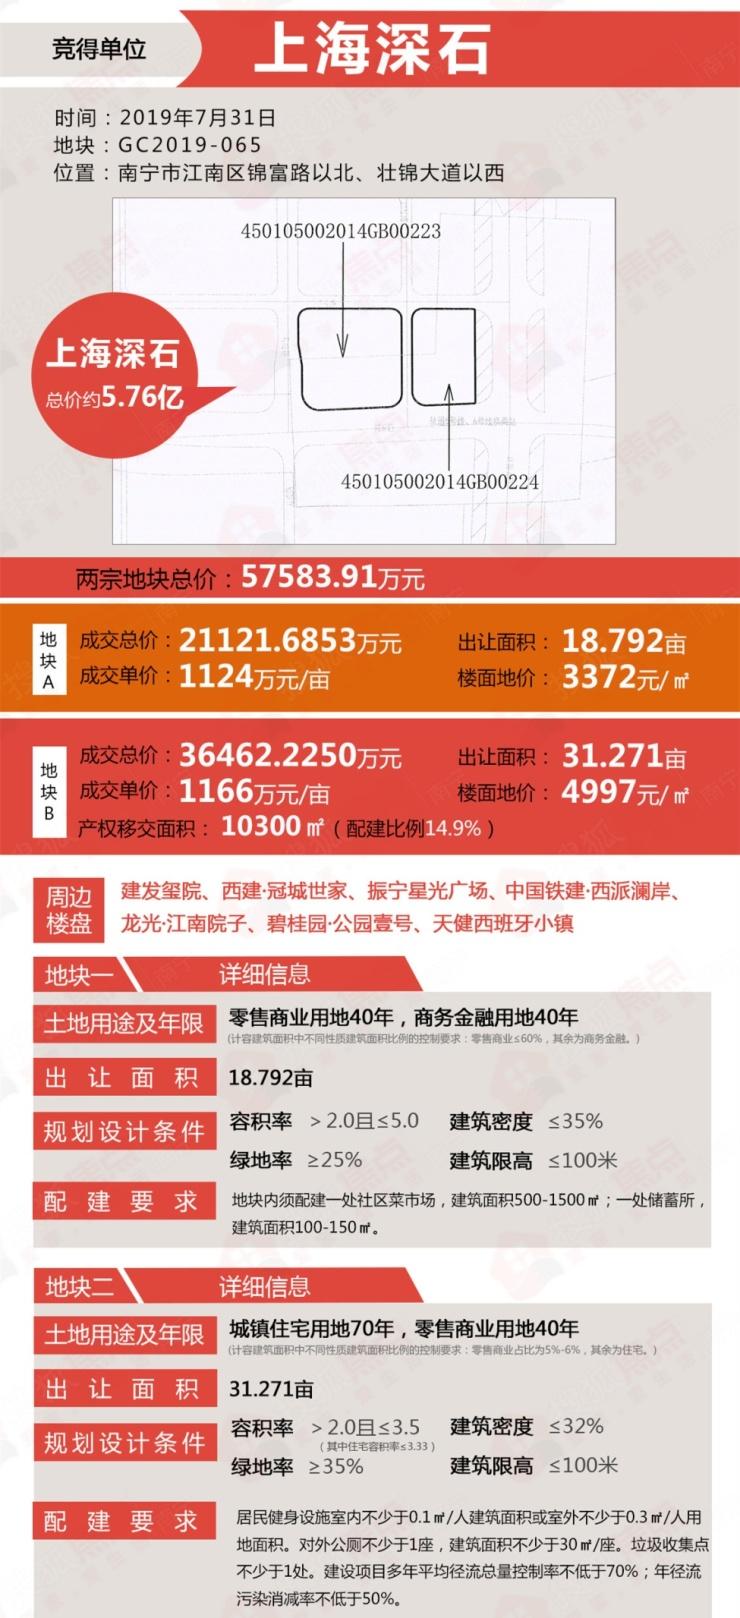 南宁土拍快讯 | 深石5.76亿摘江南壮锦50亩双地铁地块